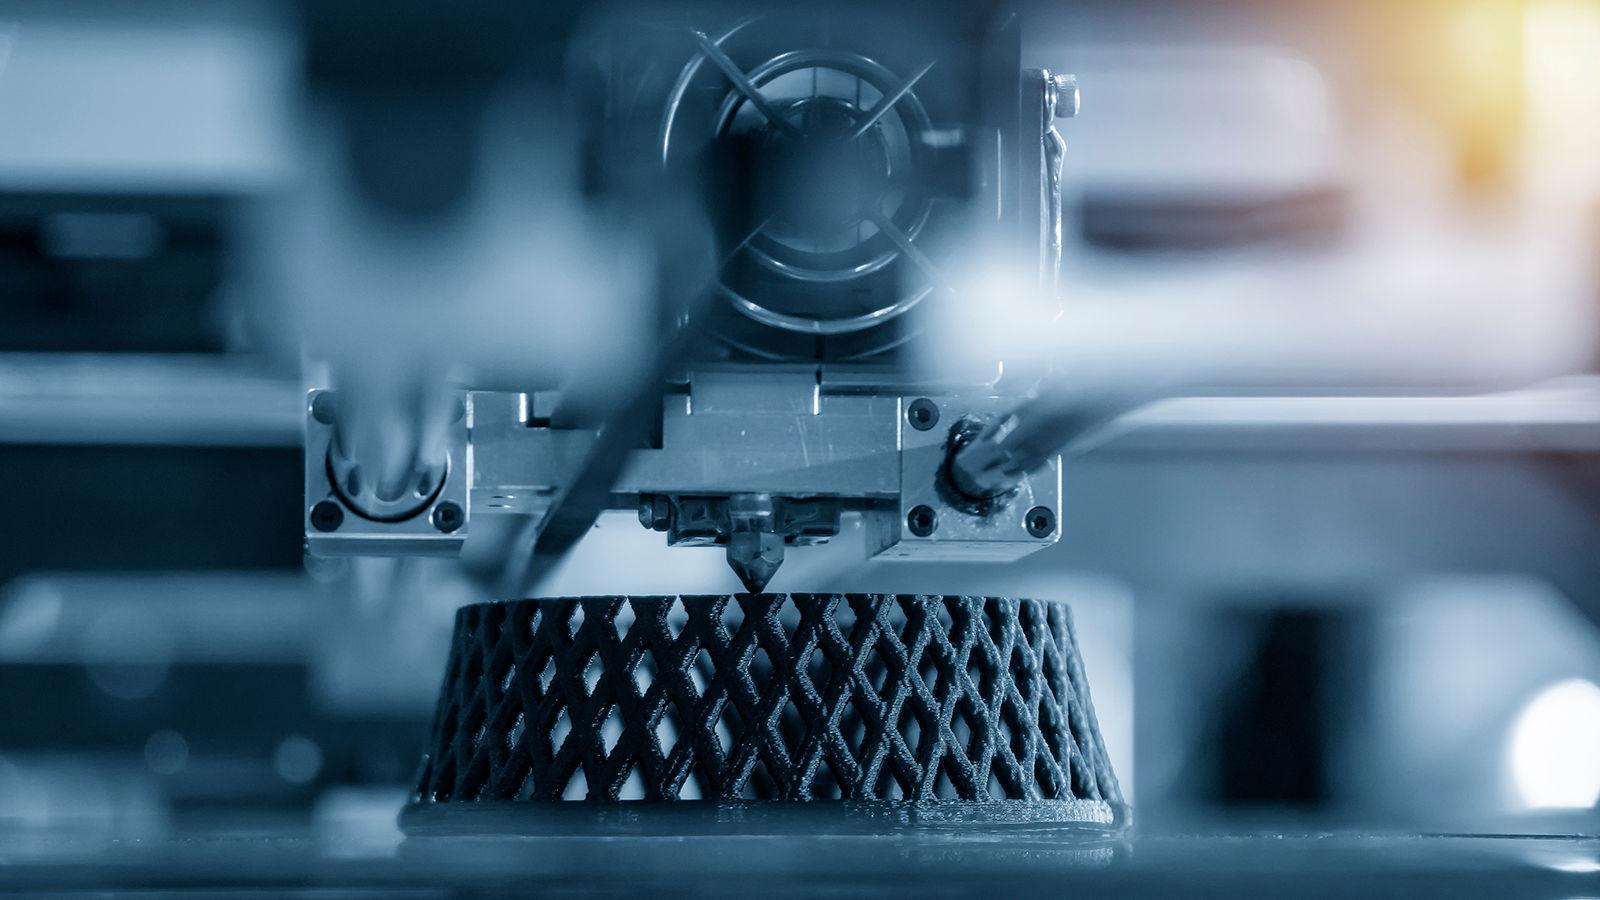 3D baskı makinesi